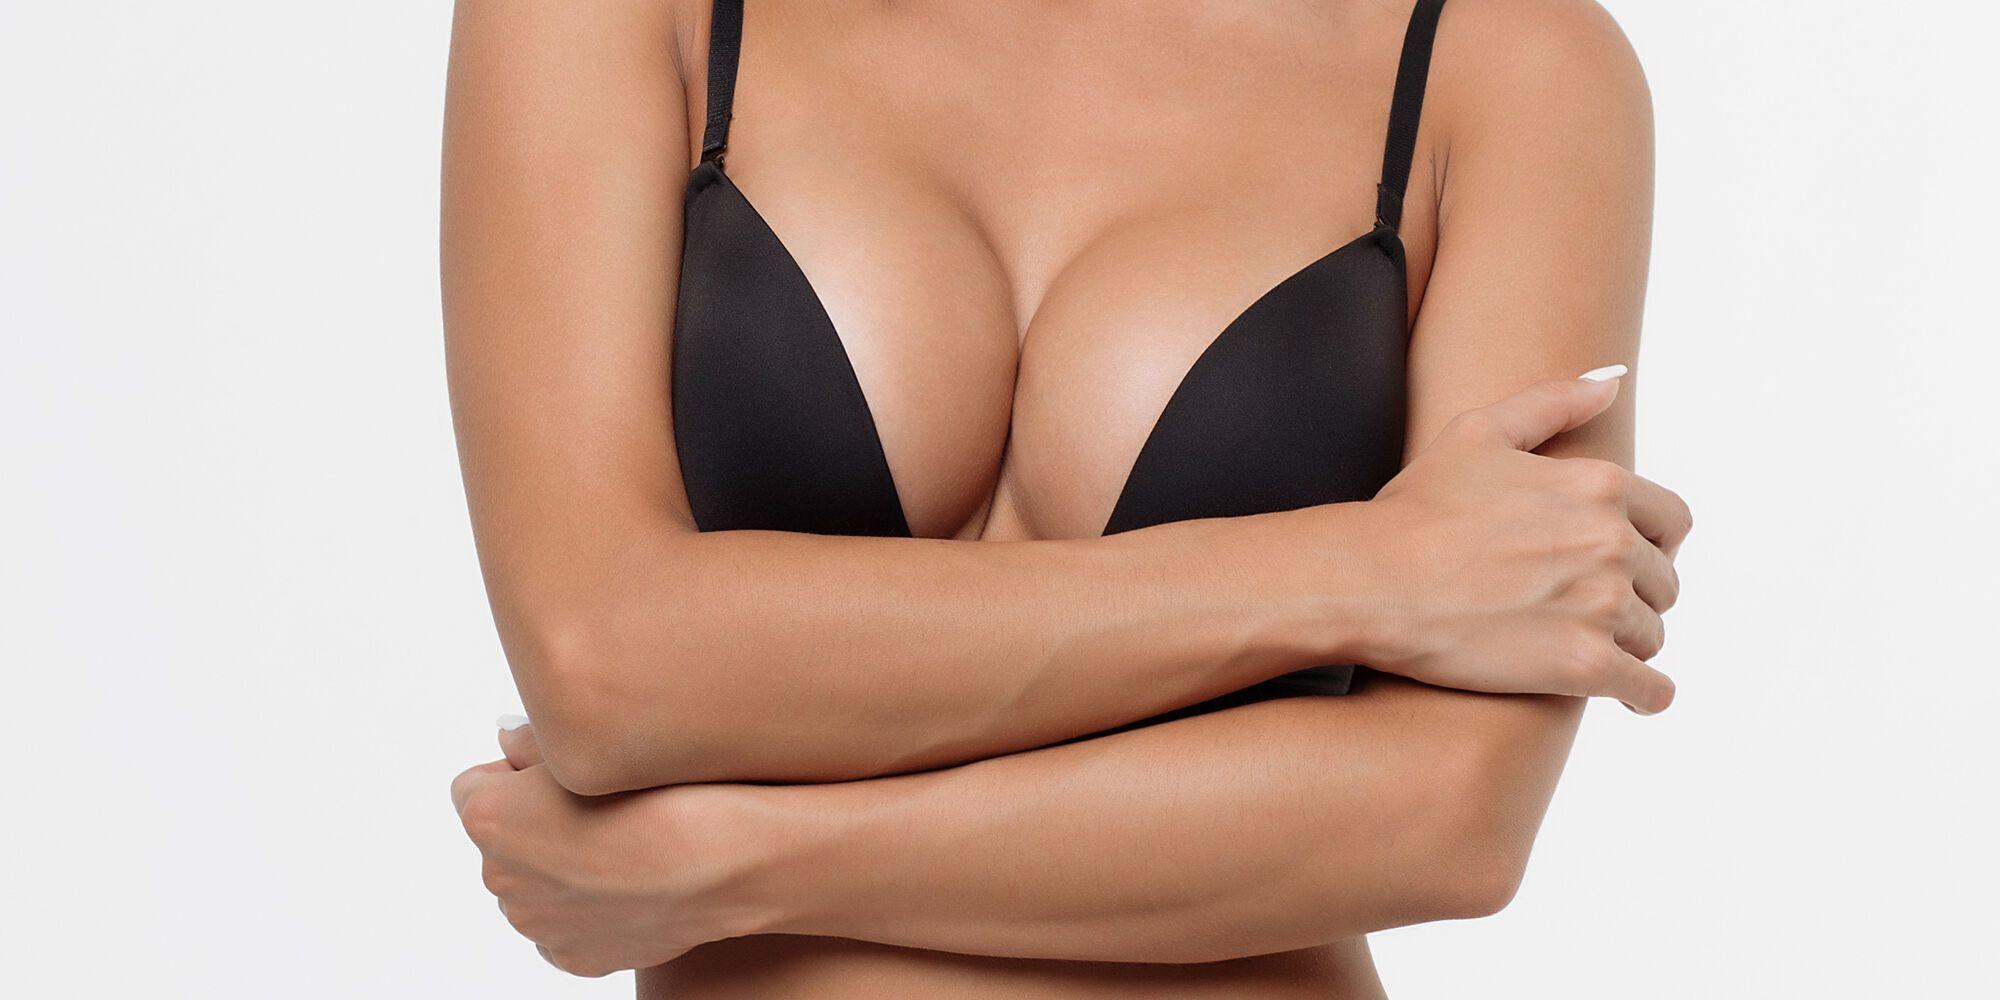 Женщина перенесла 39 операций по увеличению груди.